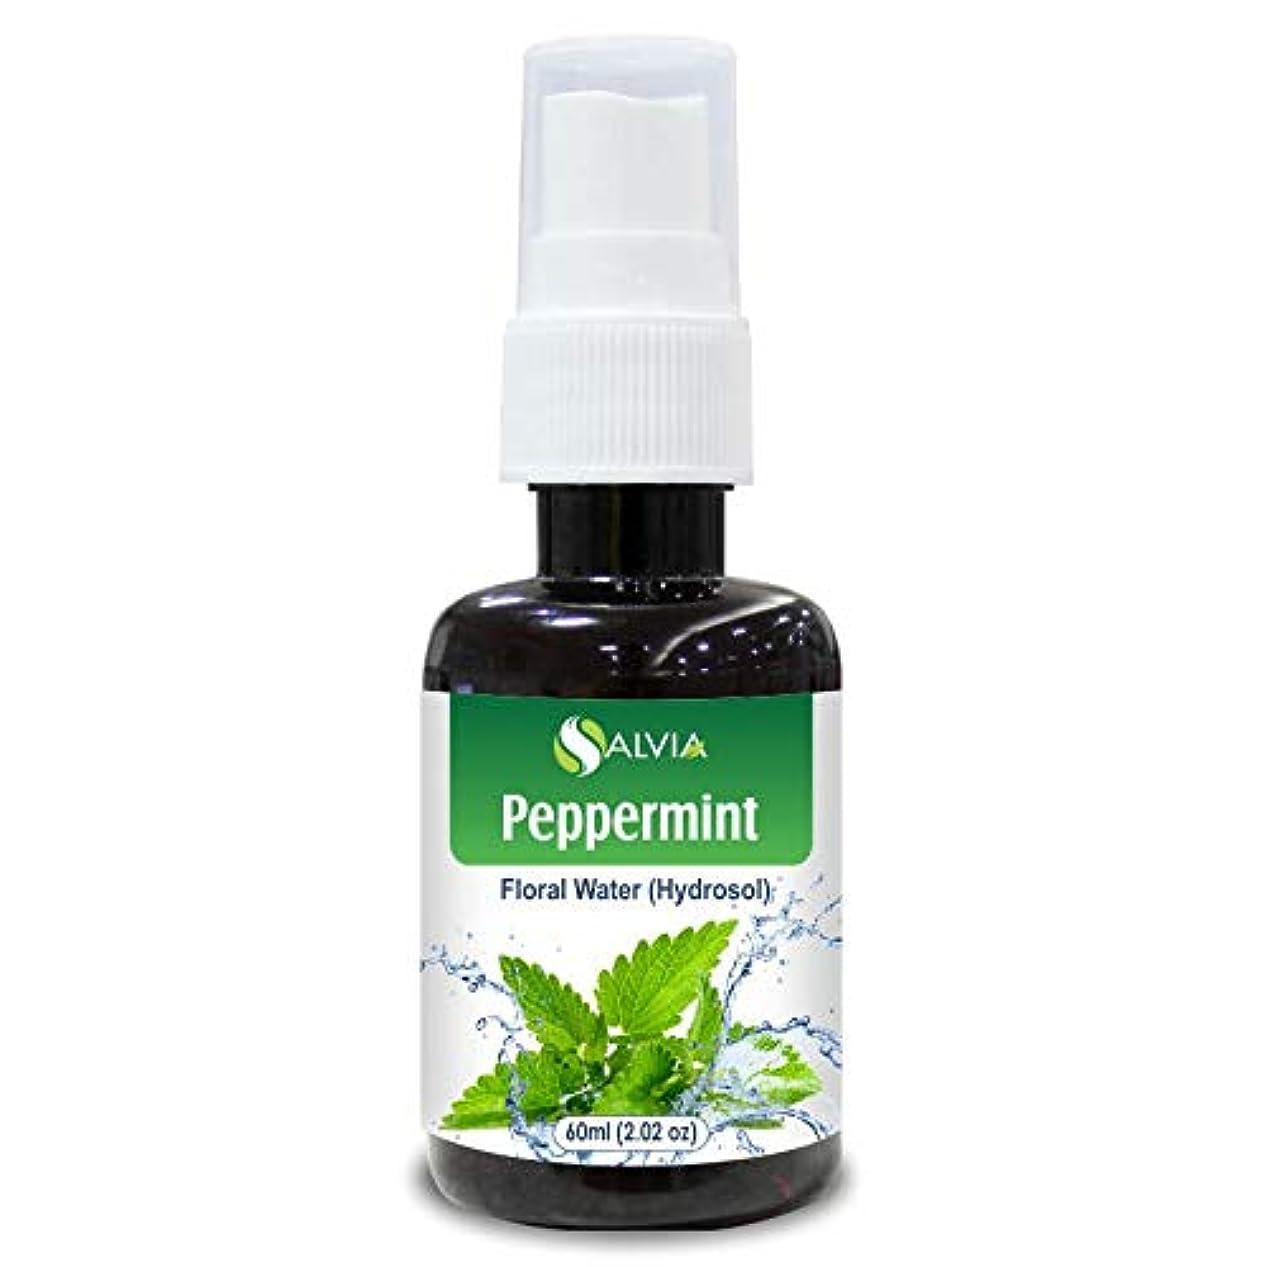 敵対的州対称Peppermint Floral Water 60ml (Hydrosol) 100% Pure And Natural